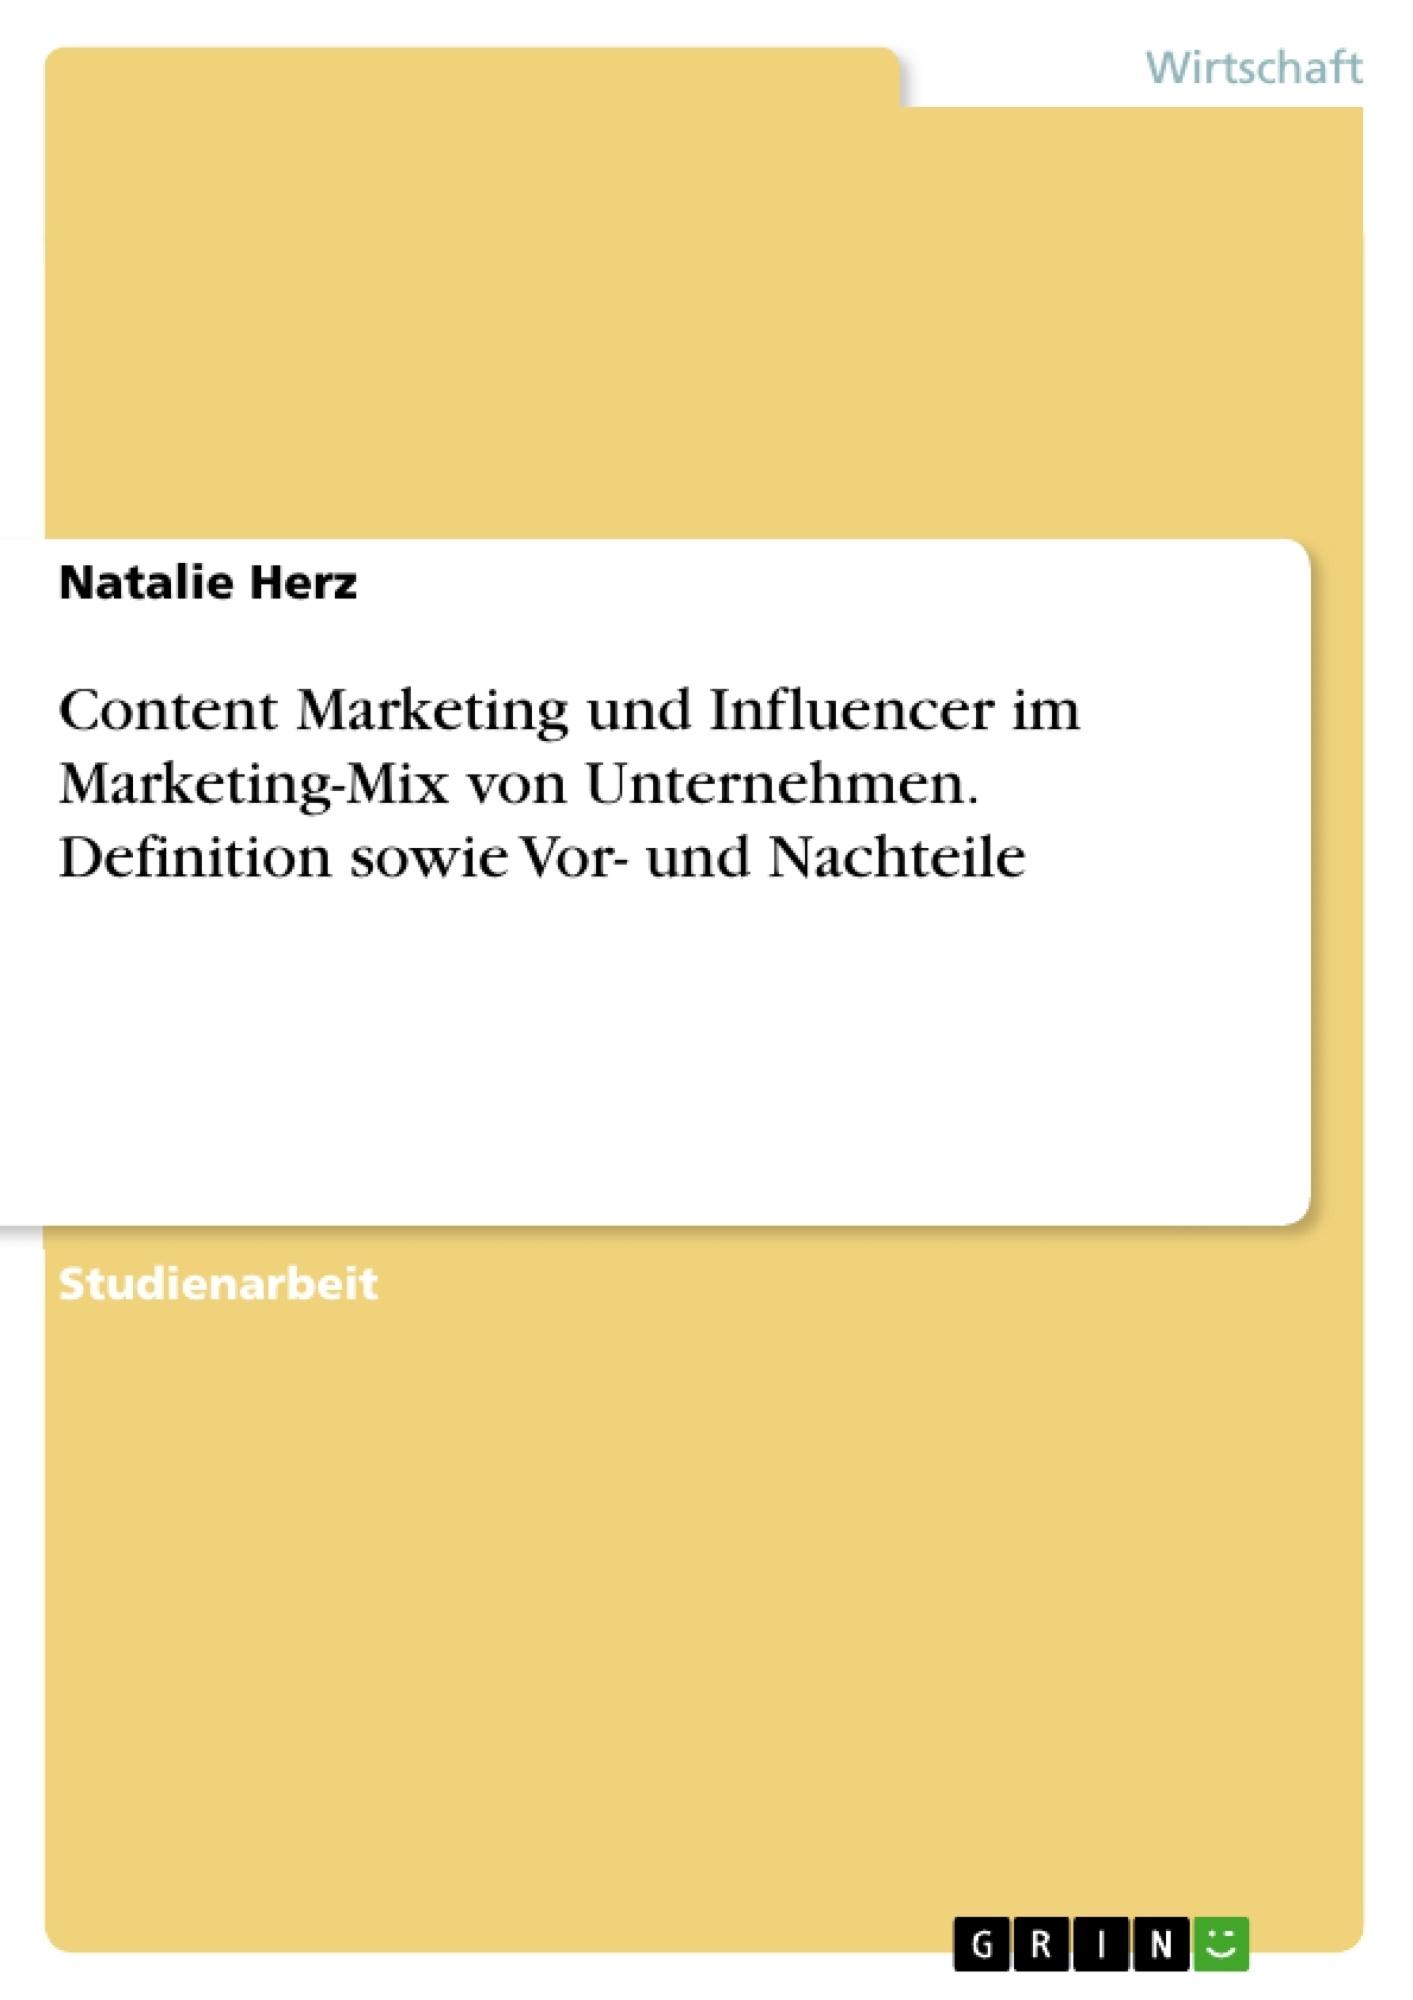 Titel: Content Marketing und Influencer im Marketing-Mix von Unternehmen. Definition sowie Vor- und Nachteile